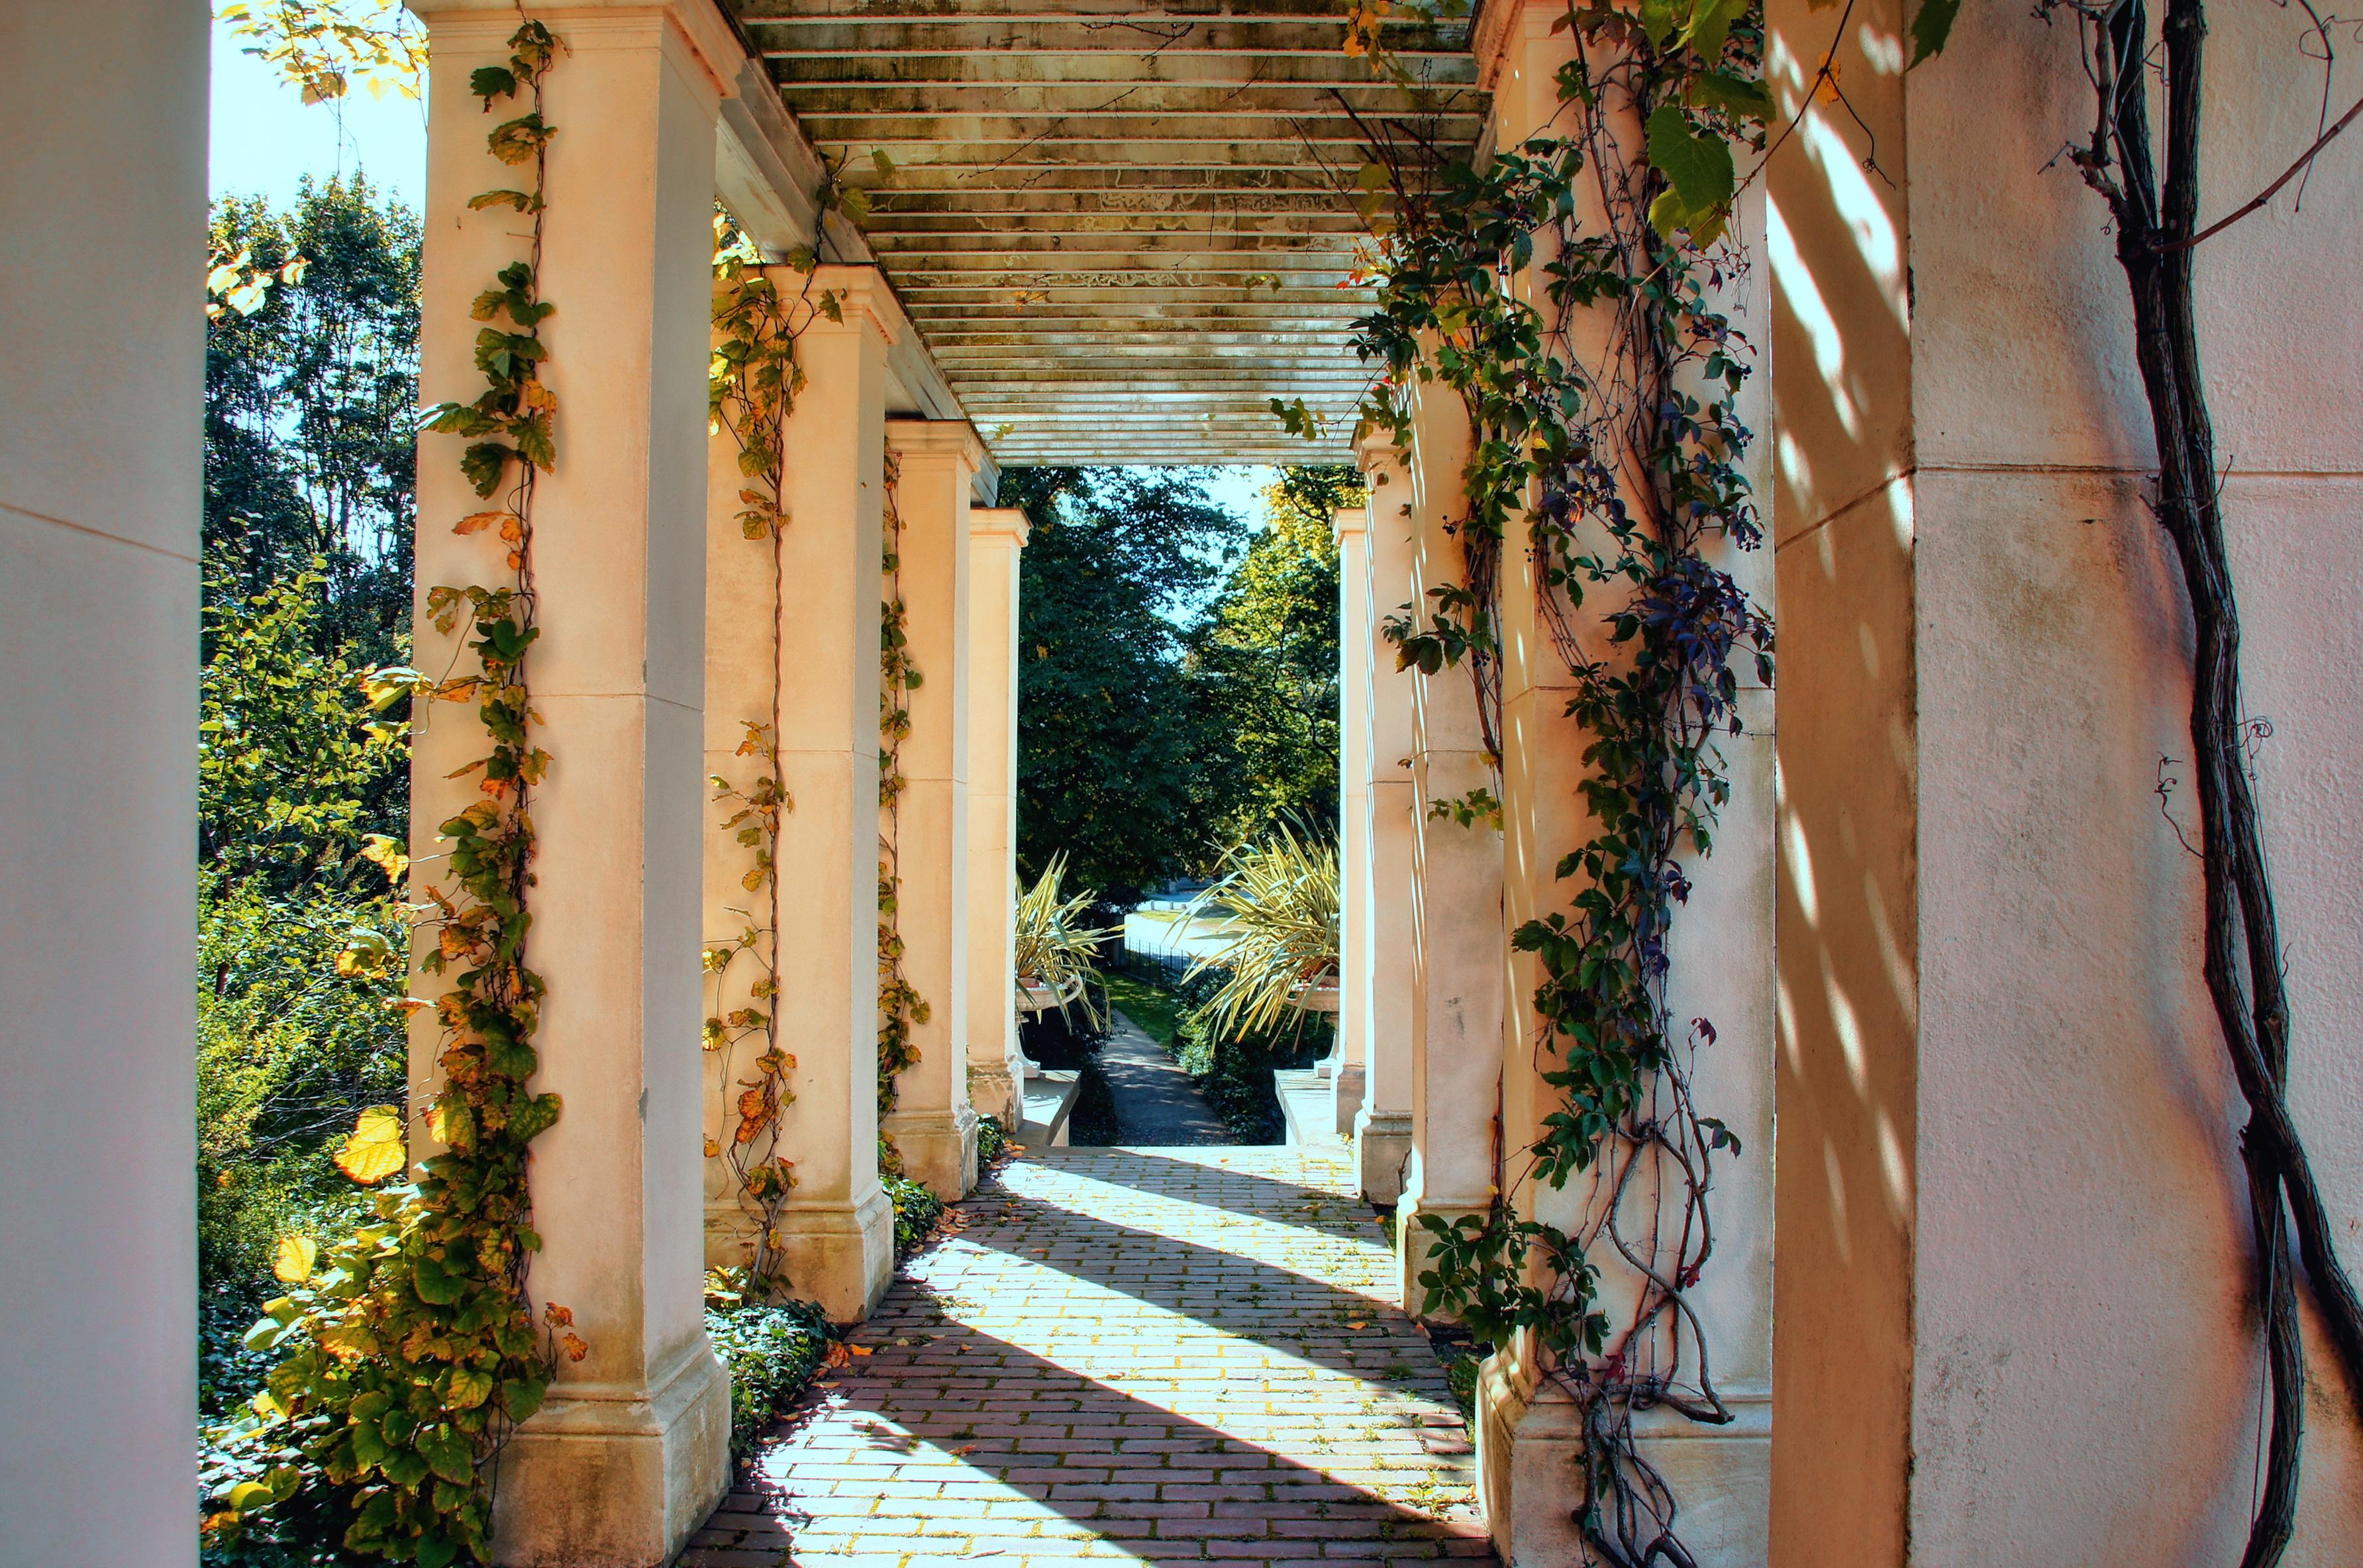 Gambar Rumah Besar Jendela Gang Lengkungan Ivy Bunga Bunga